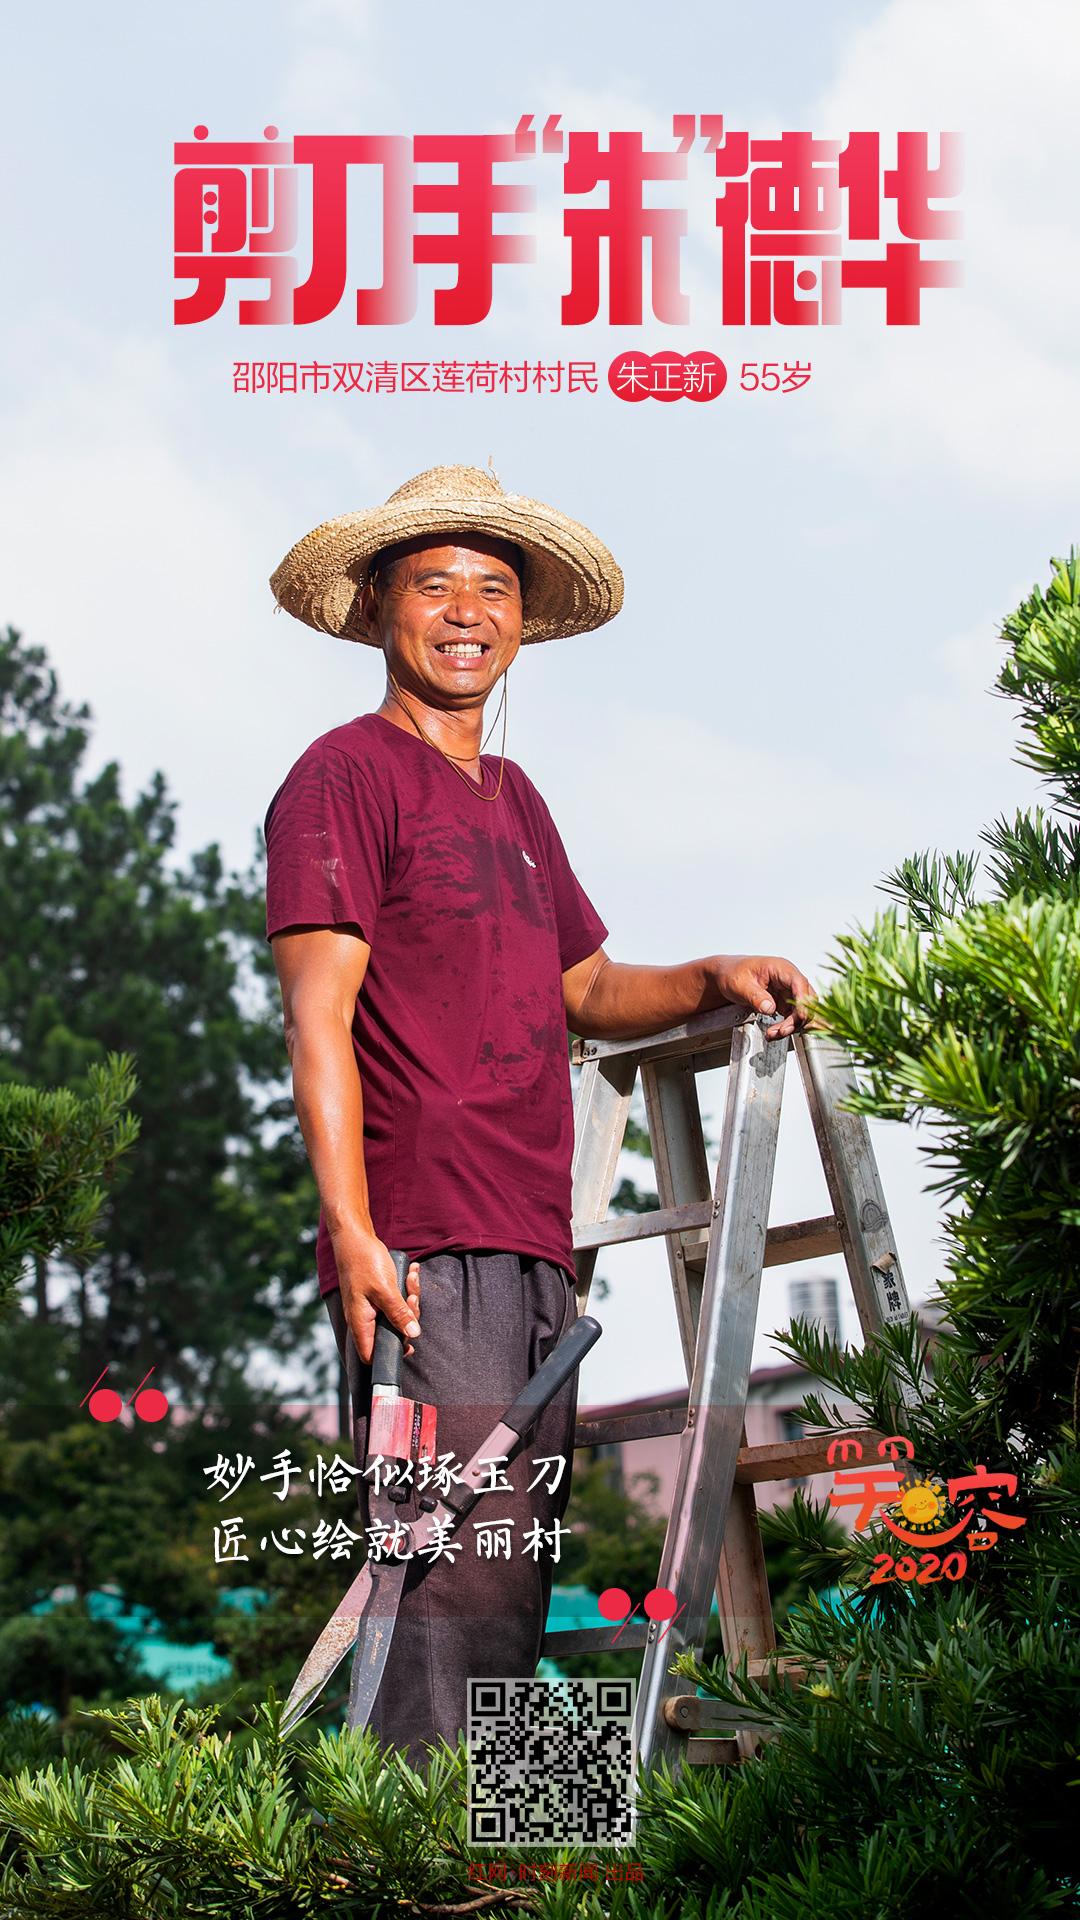 06笑容2020双清区莲荷村8个人.jpg